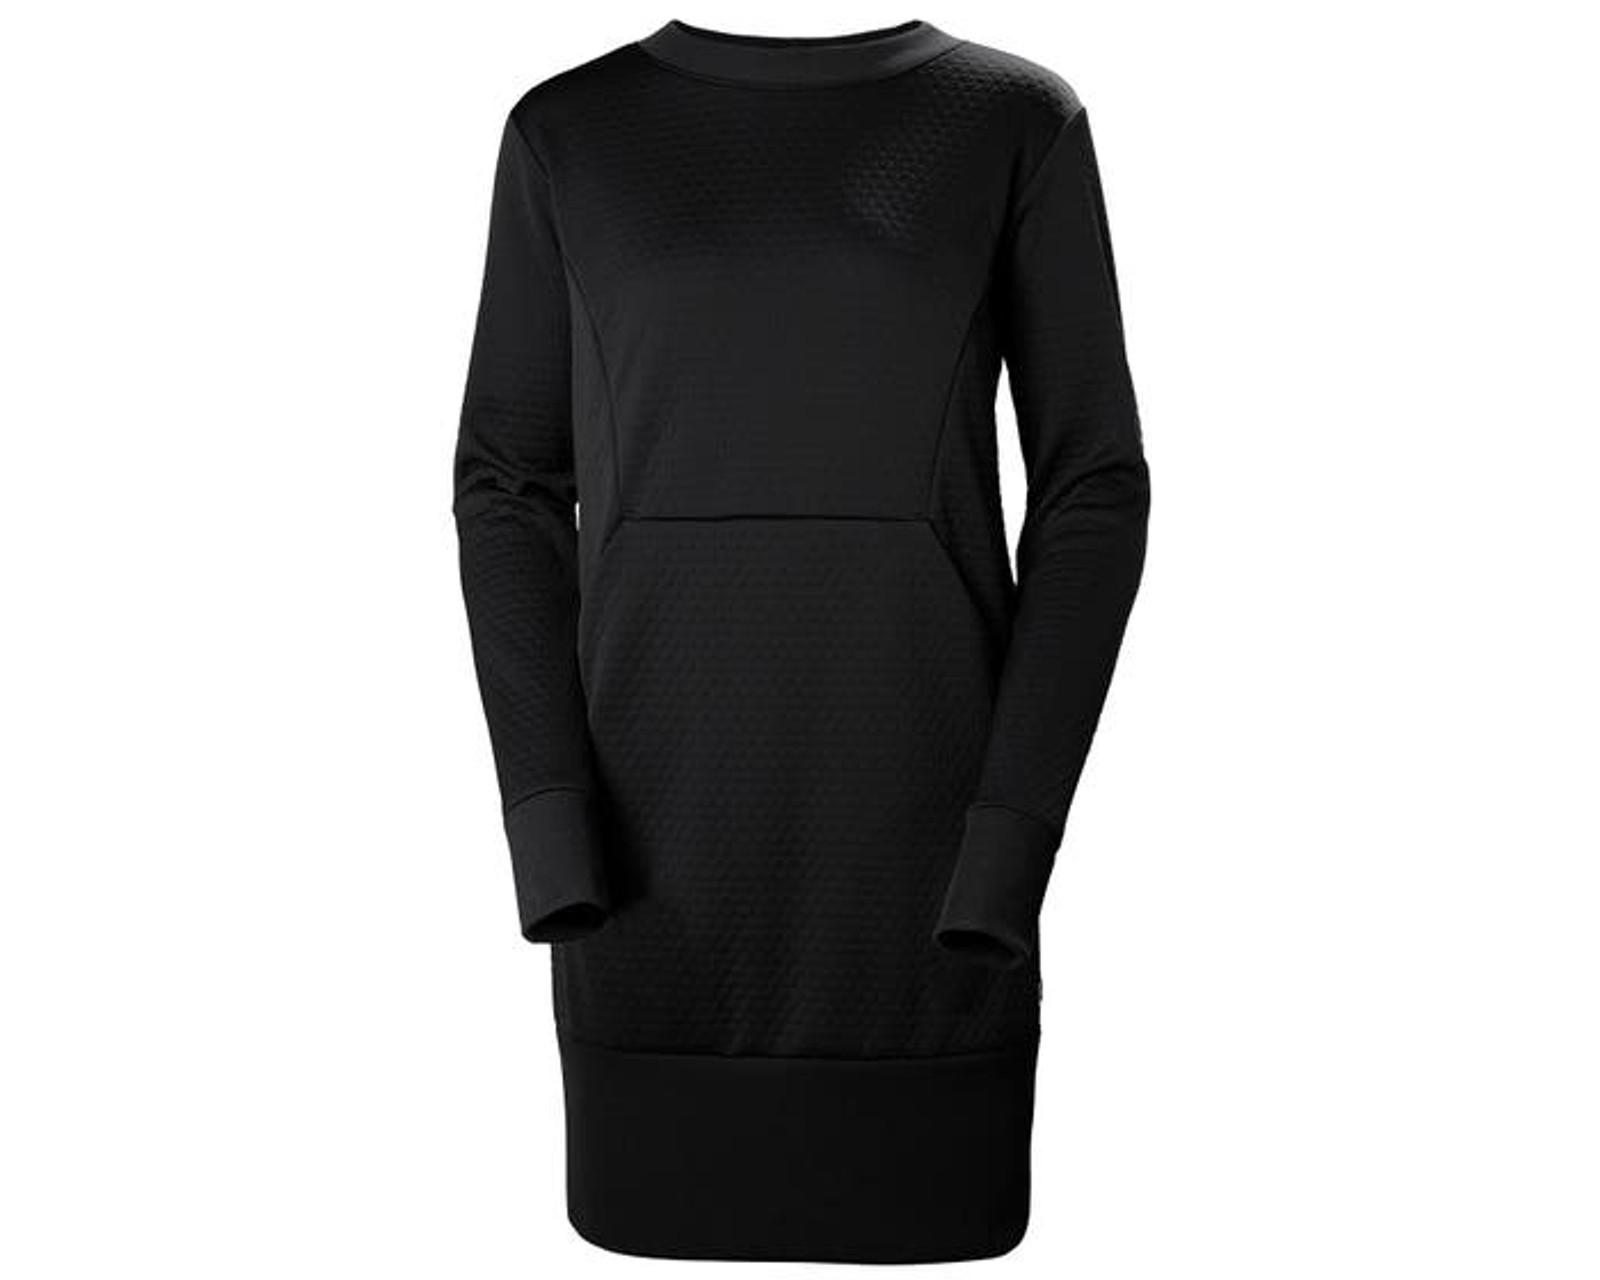 Helly Hansen Hytte Dress, Women's -Ebony, 62932-980 (62932-980)